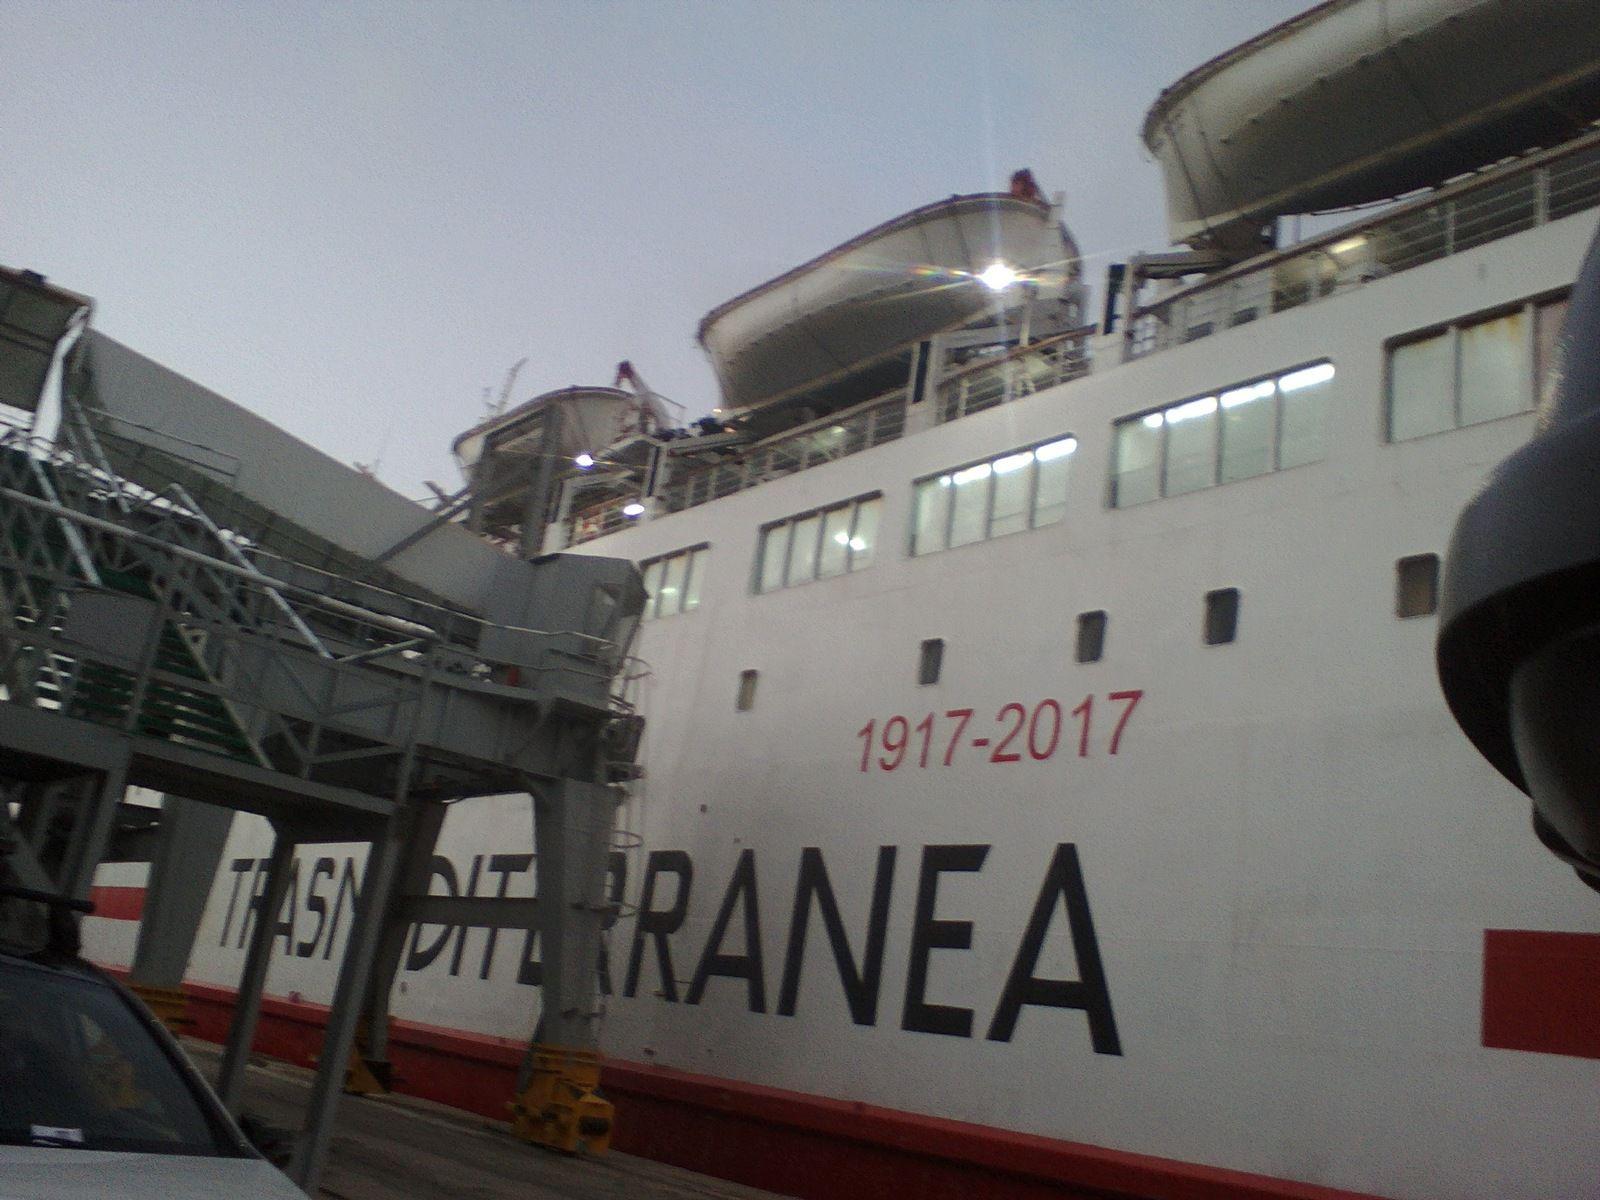 Traversée vers l'Algérie, été 2017